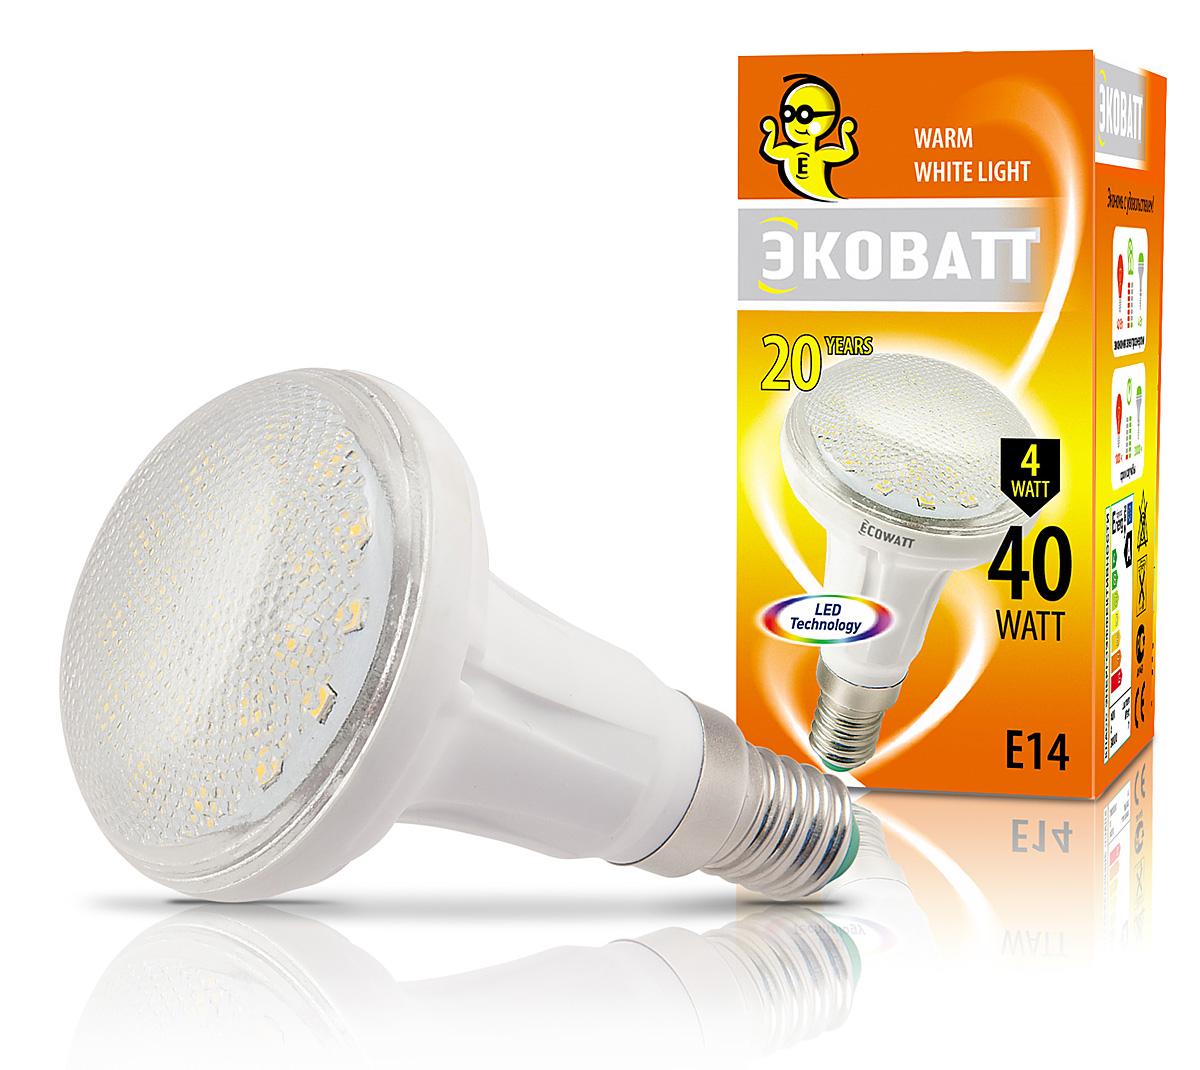 Лампа светодиодная EcowattЛампы<br>Тип лампы: светодиодная,<br>Форма лампы: рефлекторная,<br>Цвет колбы: белая,<br>Тип цоколя: Е14,<br>Напряжение: 220,<br>Мощность: 4,<br>Цветовая температура: 2700,<br>Цвет свечения: теплый<br>